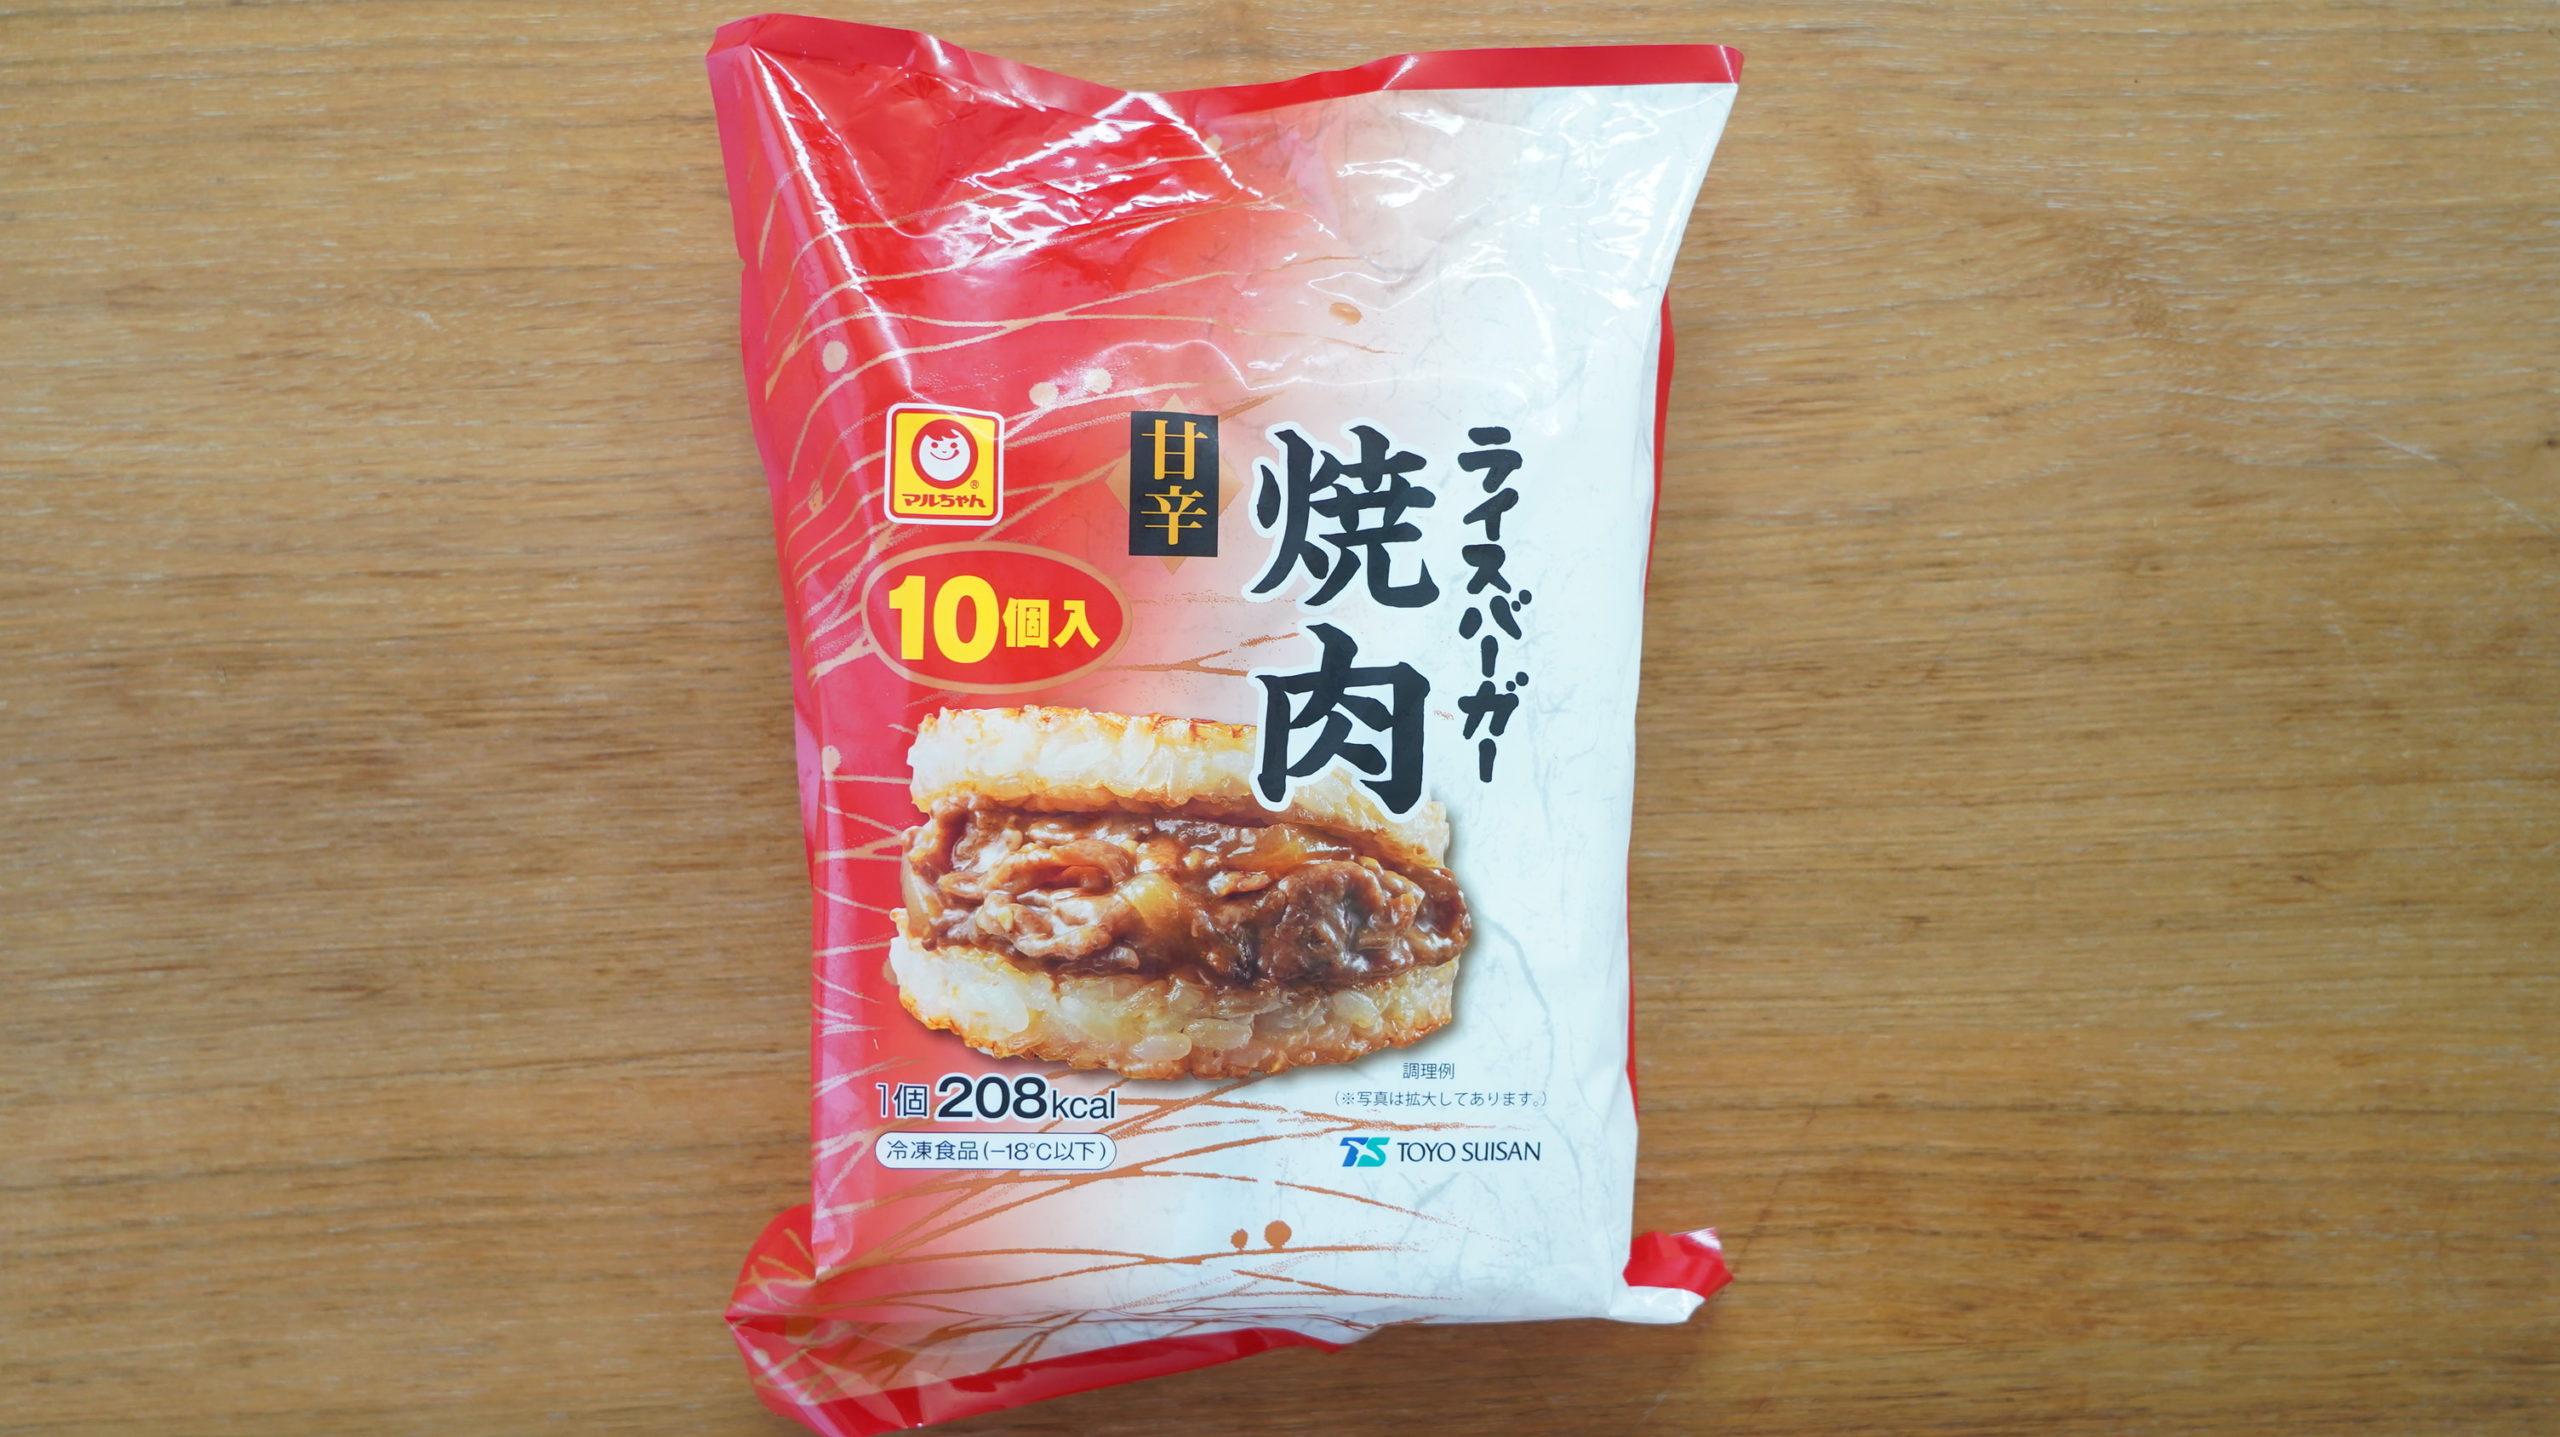 コストコのおすすめ冷凍食品「マルチャン ライスバーガー 焼肉」のパッケージ写真